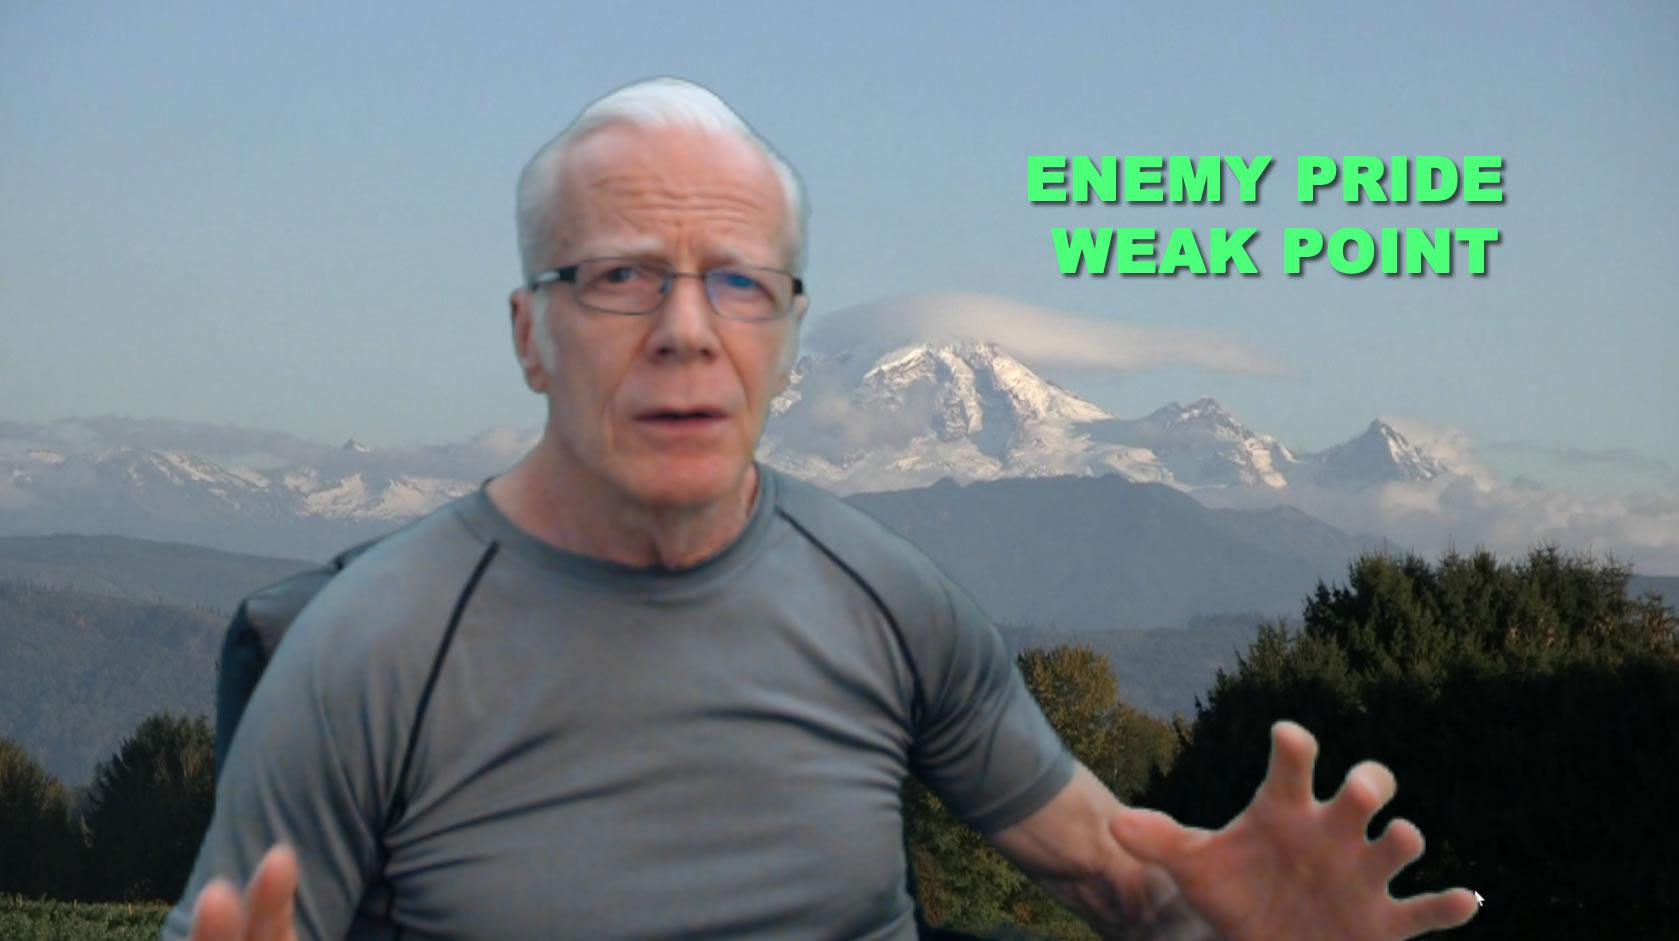 Enemy Pride Weak Point